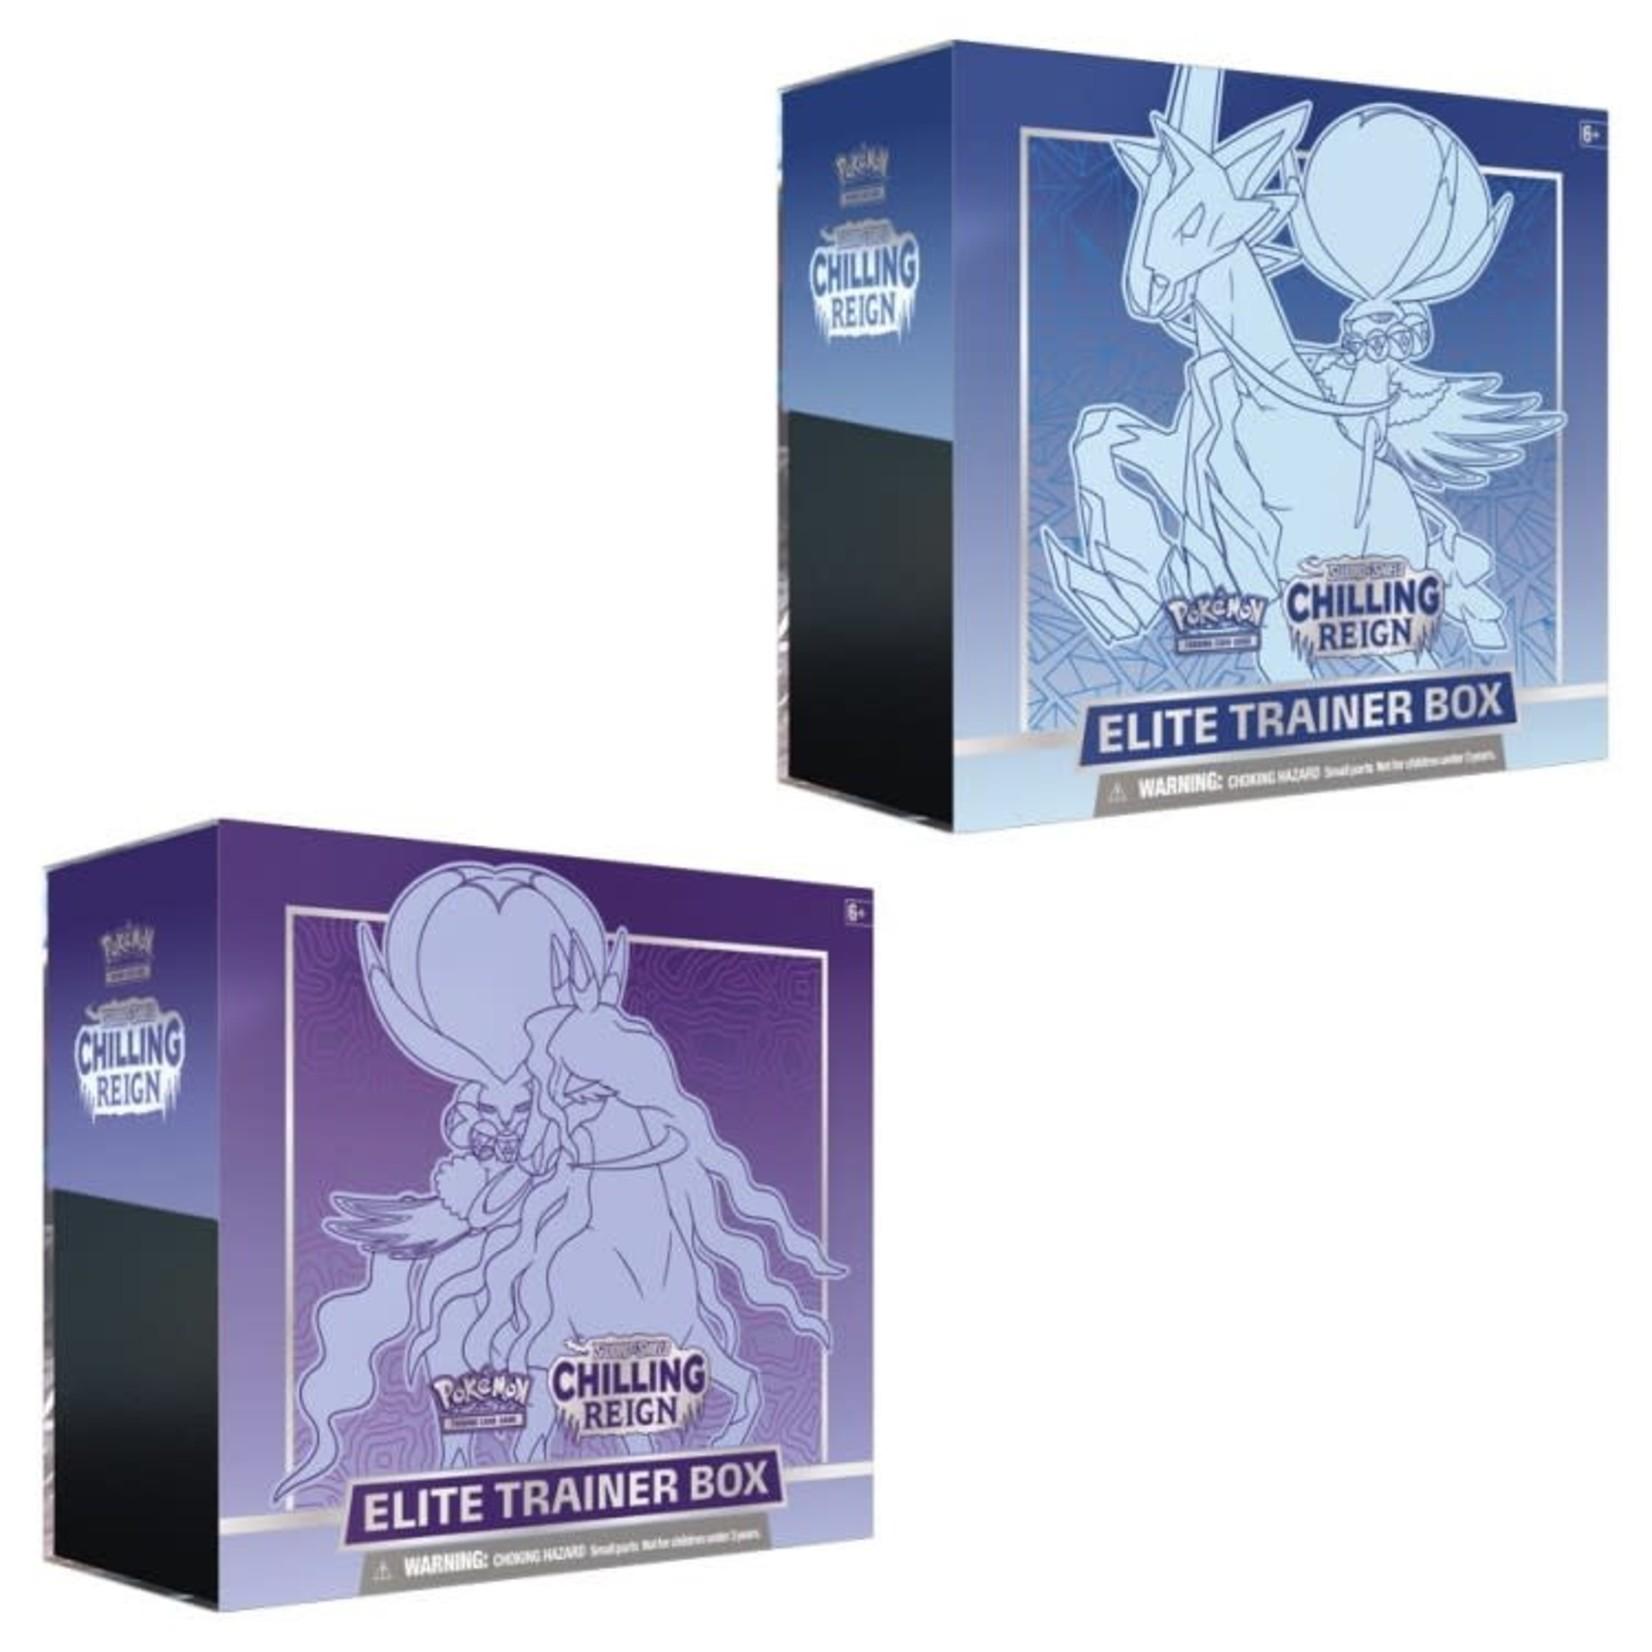 Pokemon International Pokemon Trading Card Game: Chilling Reign Elite Trainer Box